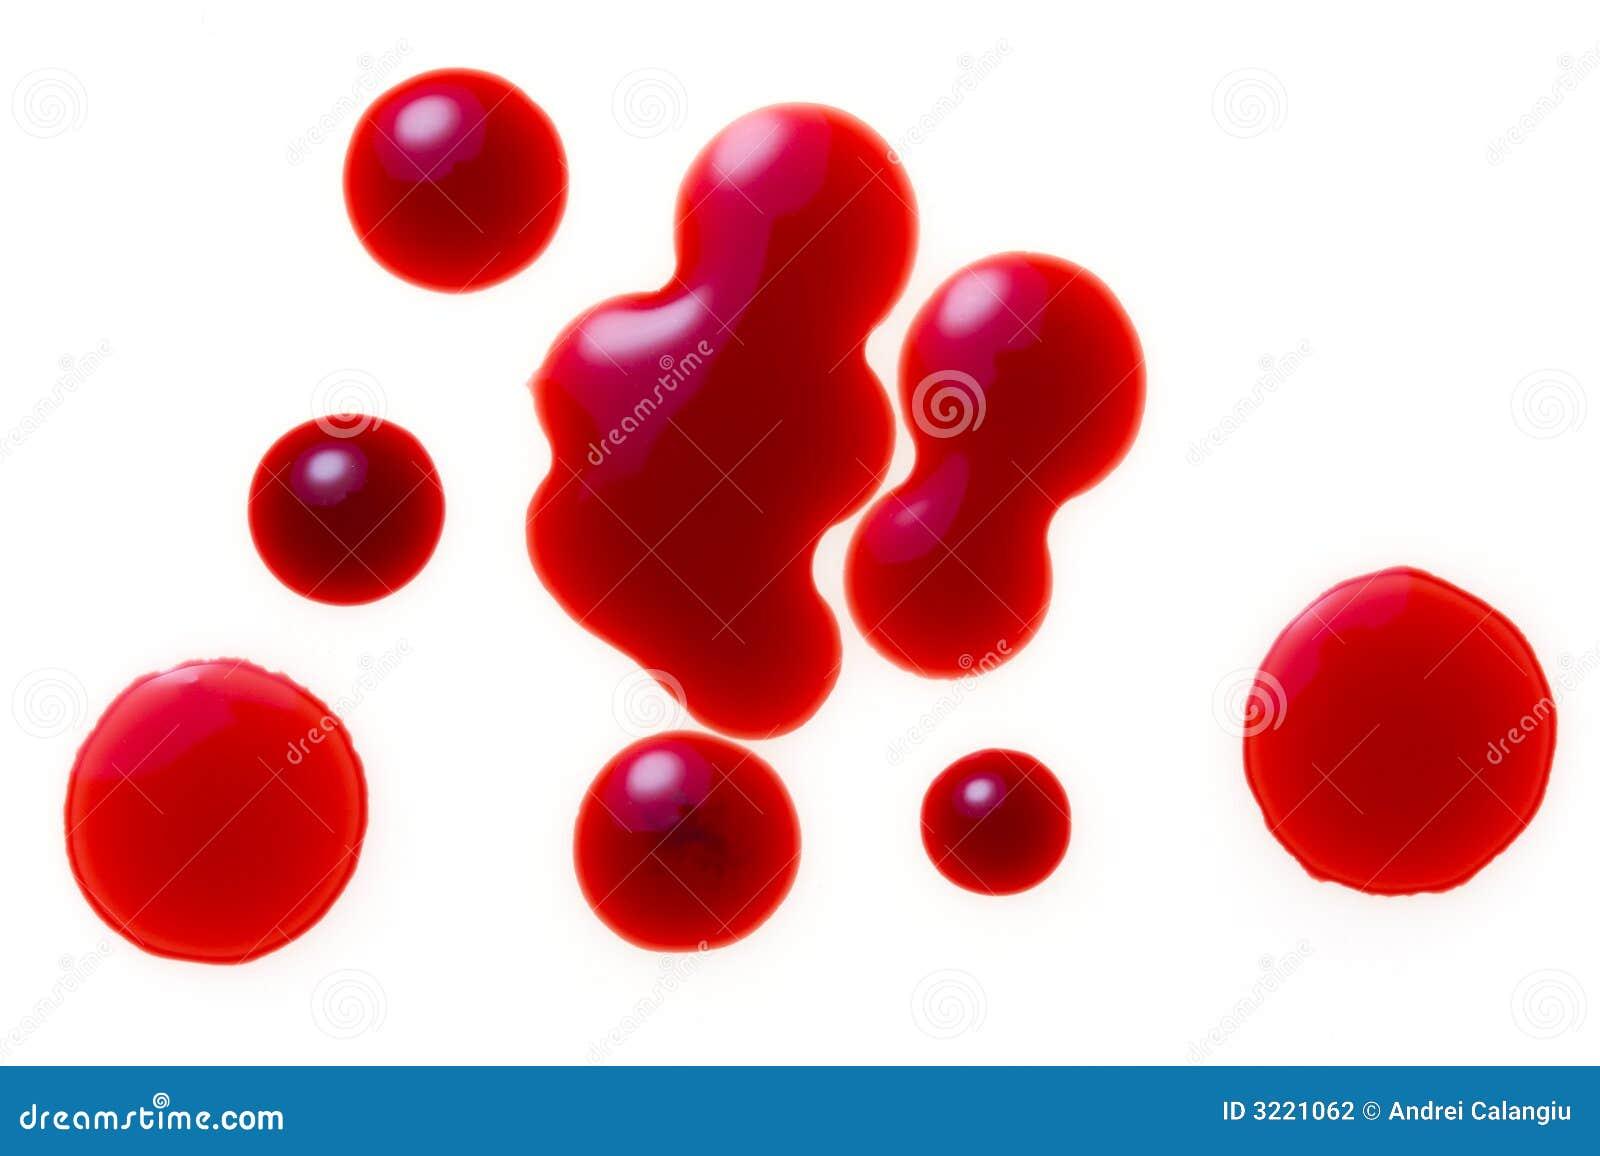 Krople krwi